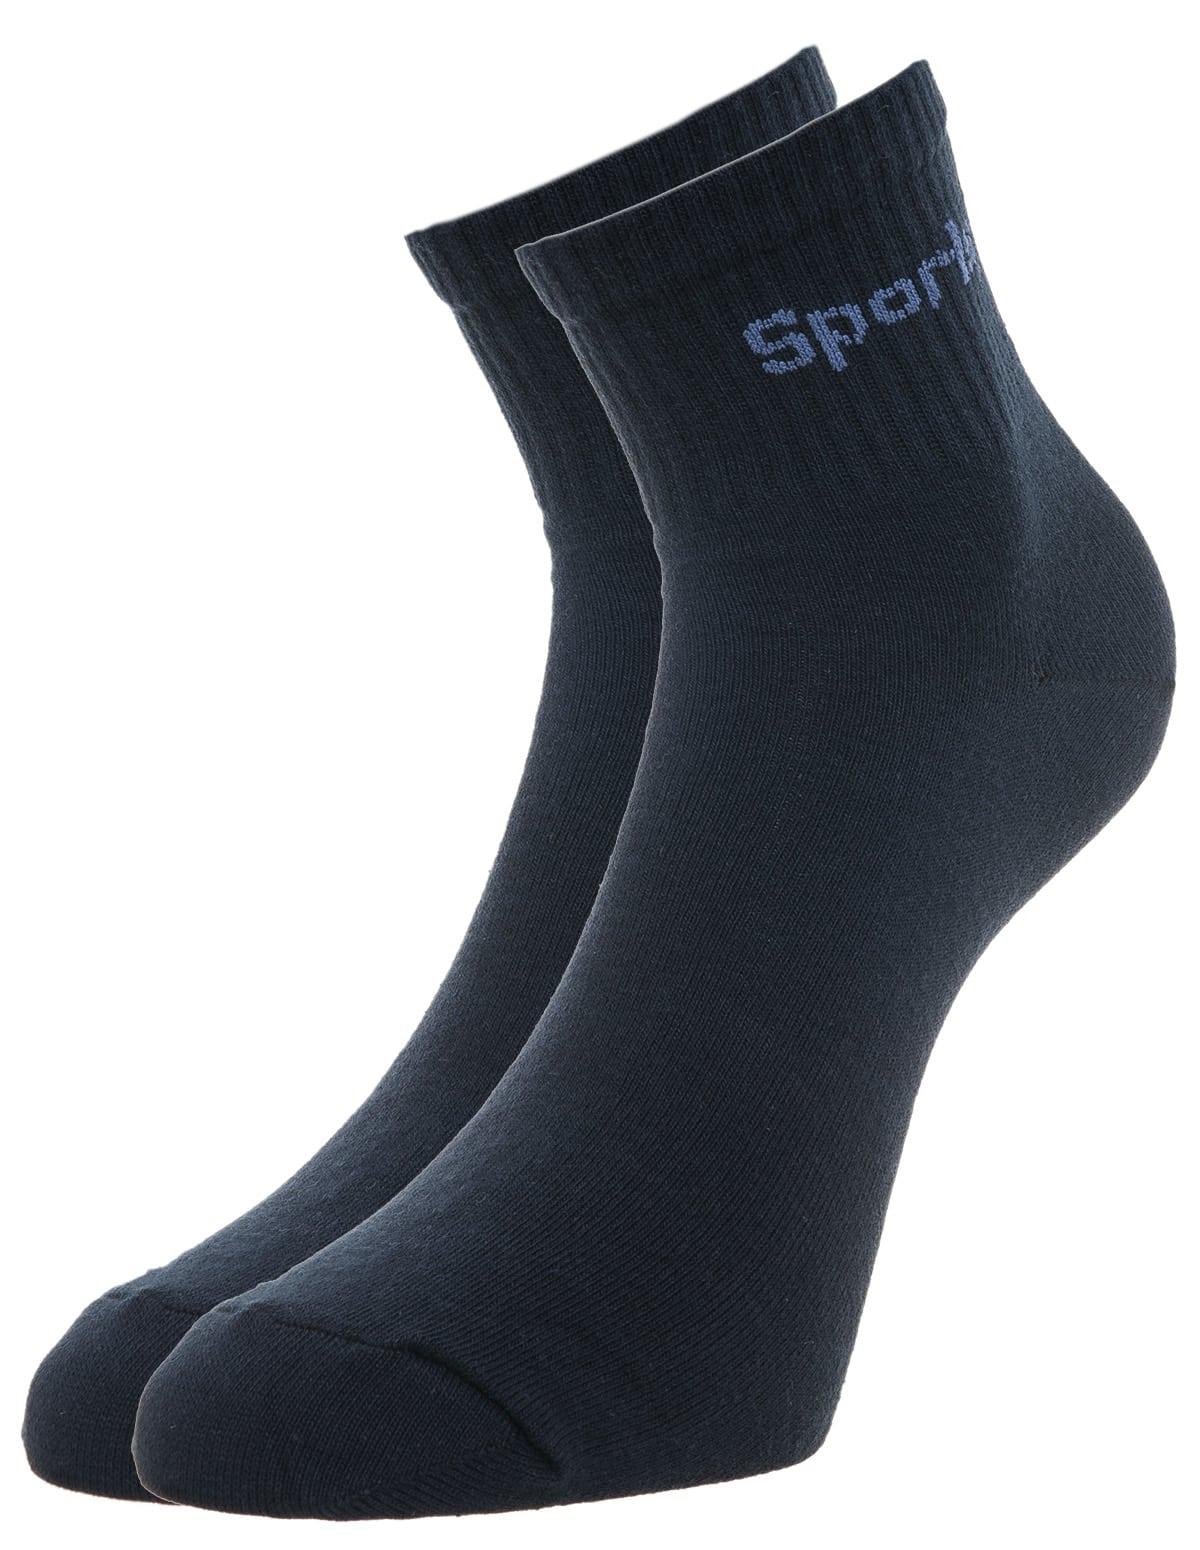 Ανδρική αθλητική κάλτσα ημίκοντη σε μπλε χρώμα - vactive.gr cfabe6775af